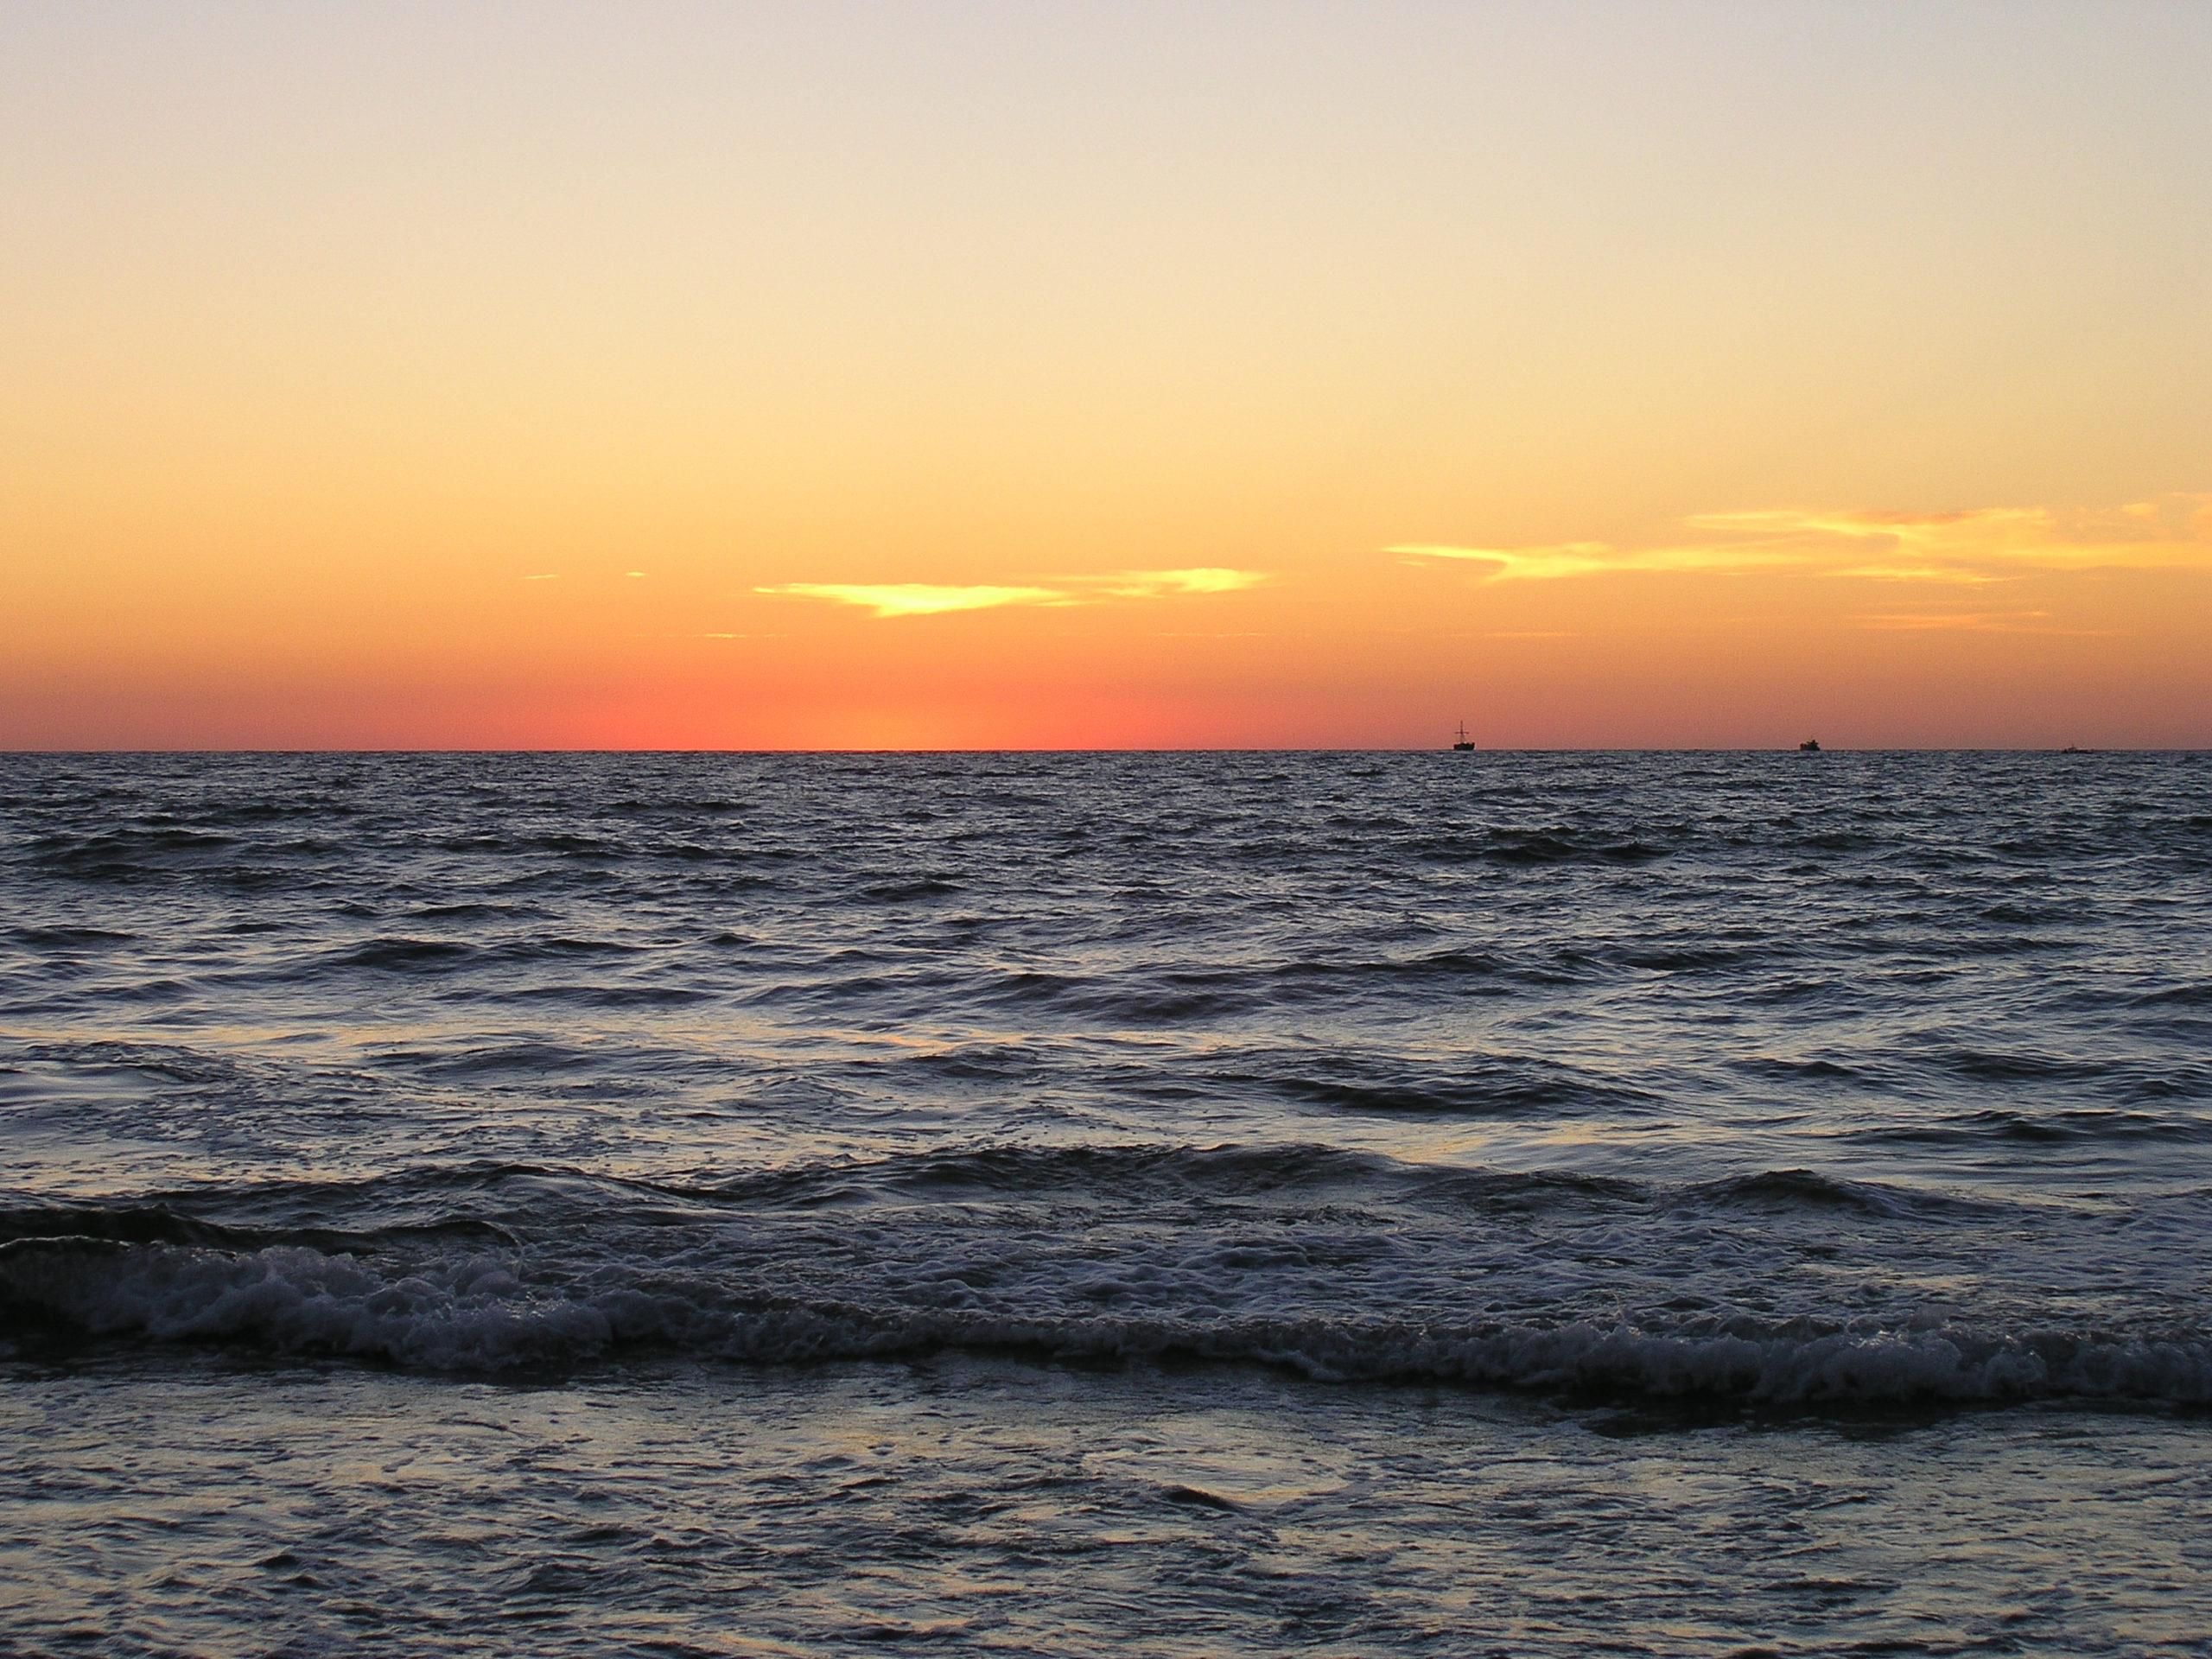 wisełka zachód słońca